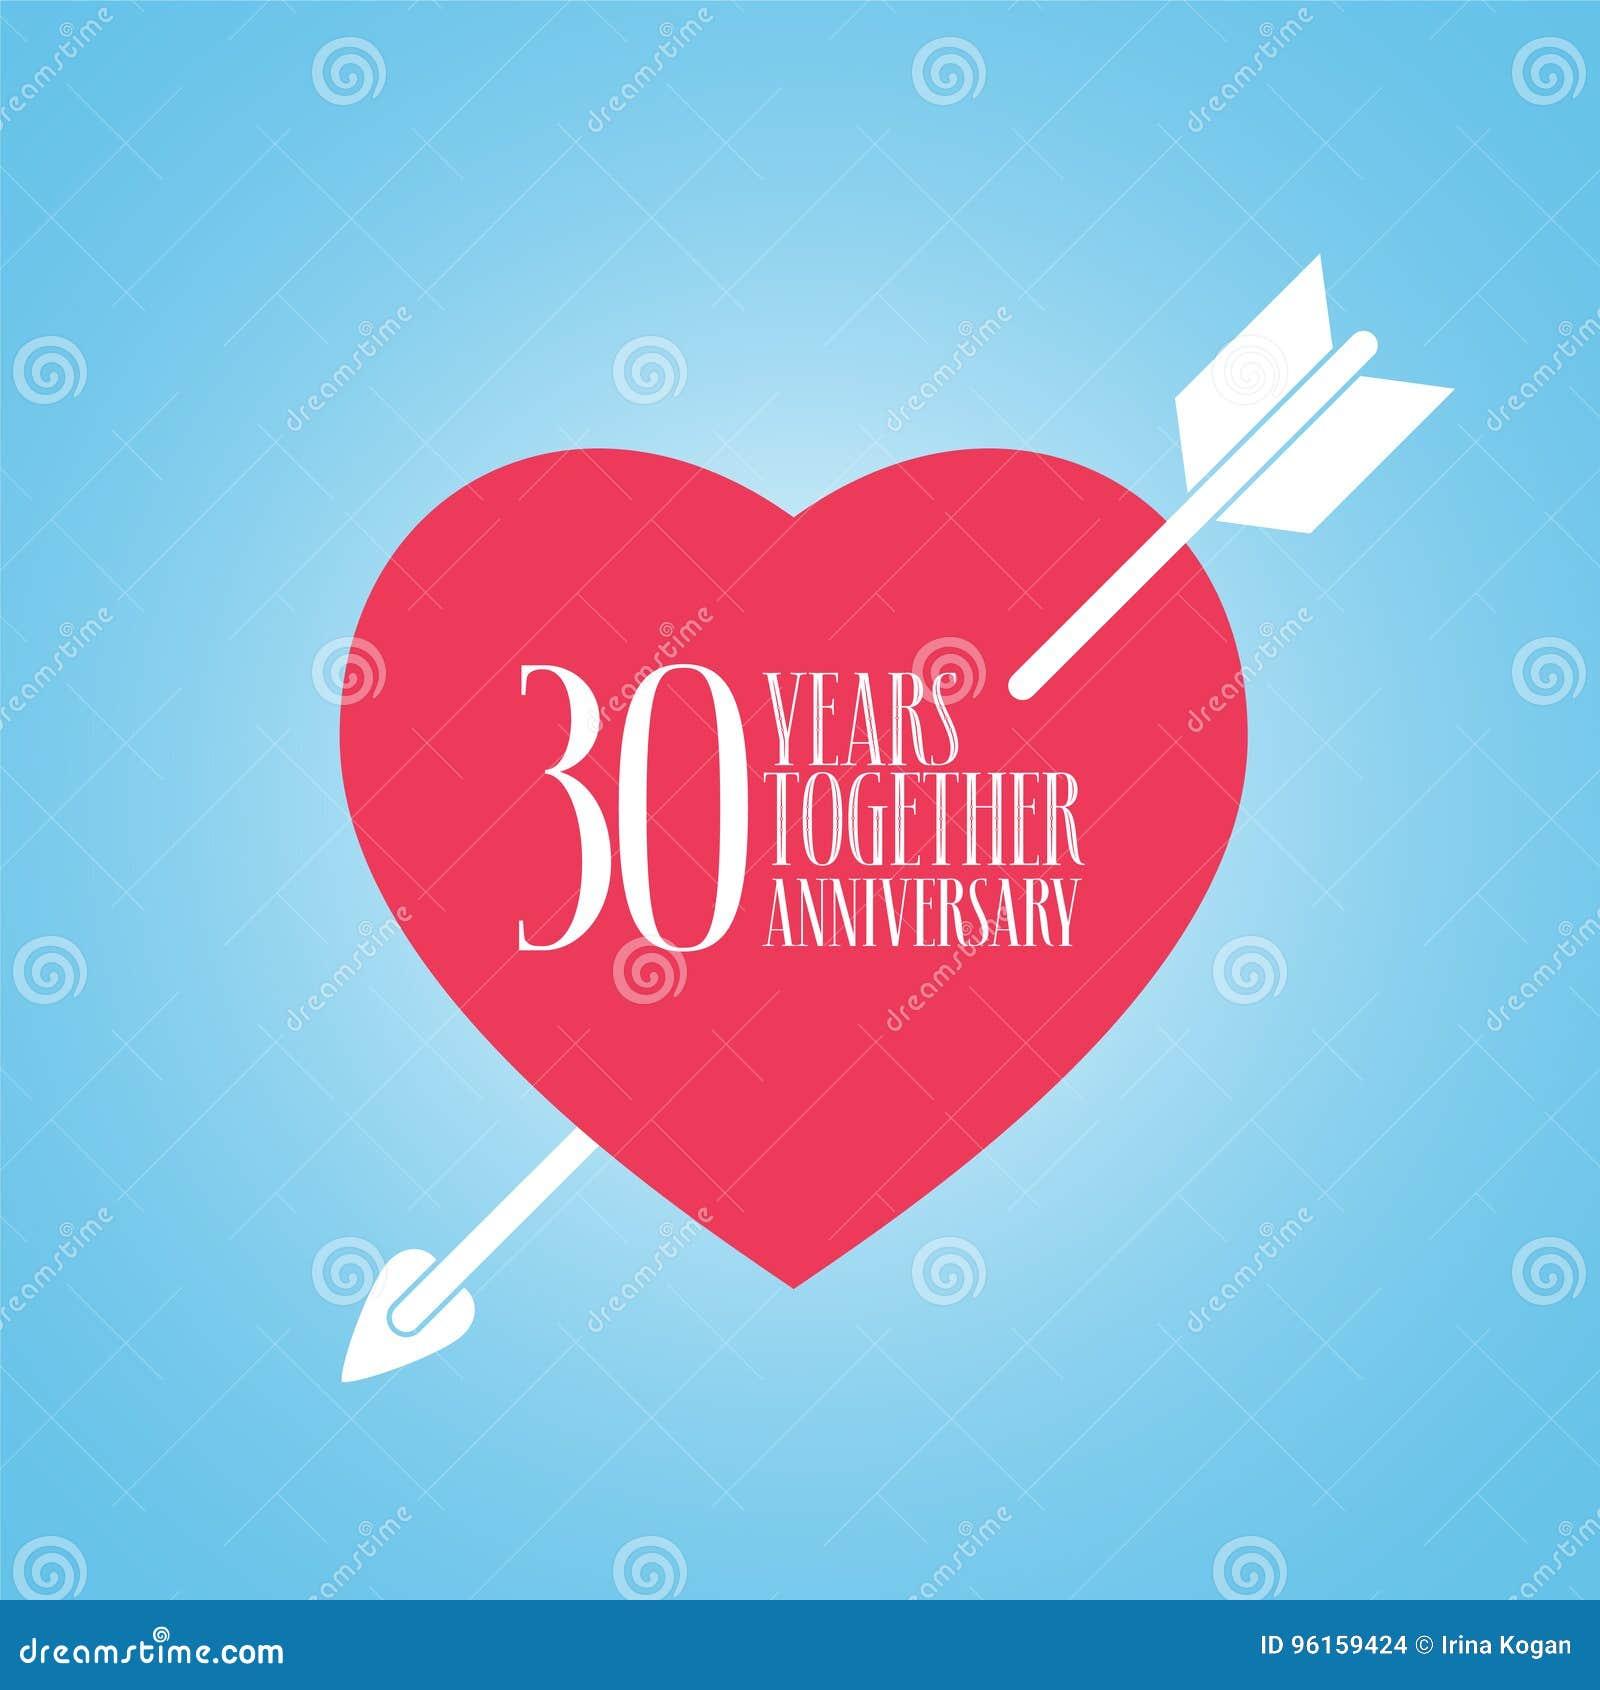 Anniversario 30 Anni Di Matrimonio.30 Anni Di Anniversario Dell Icona Di Vettore Di Matrimonio O Di